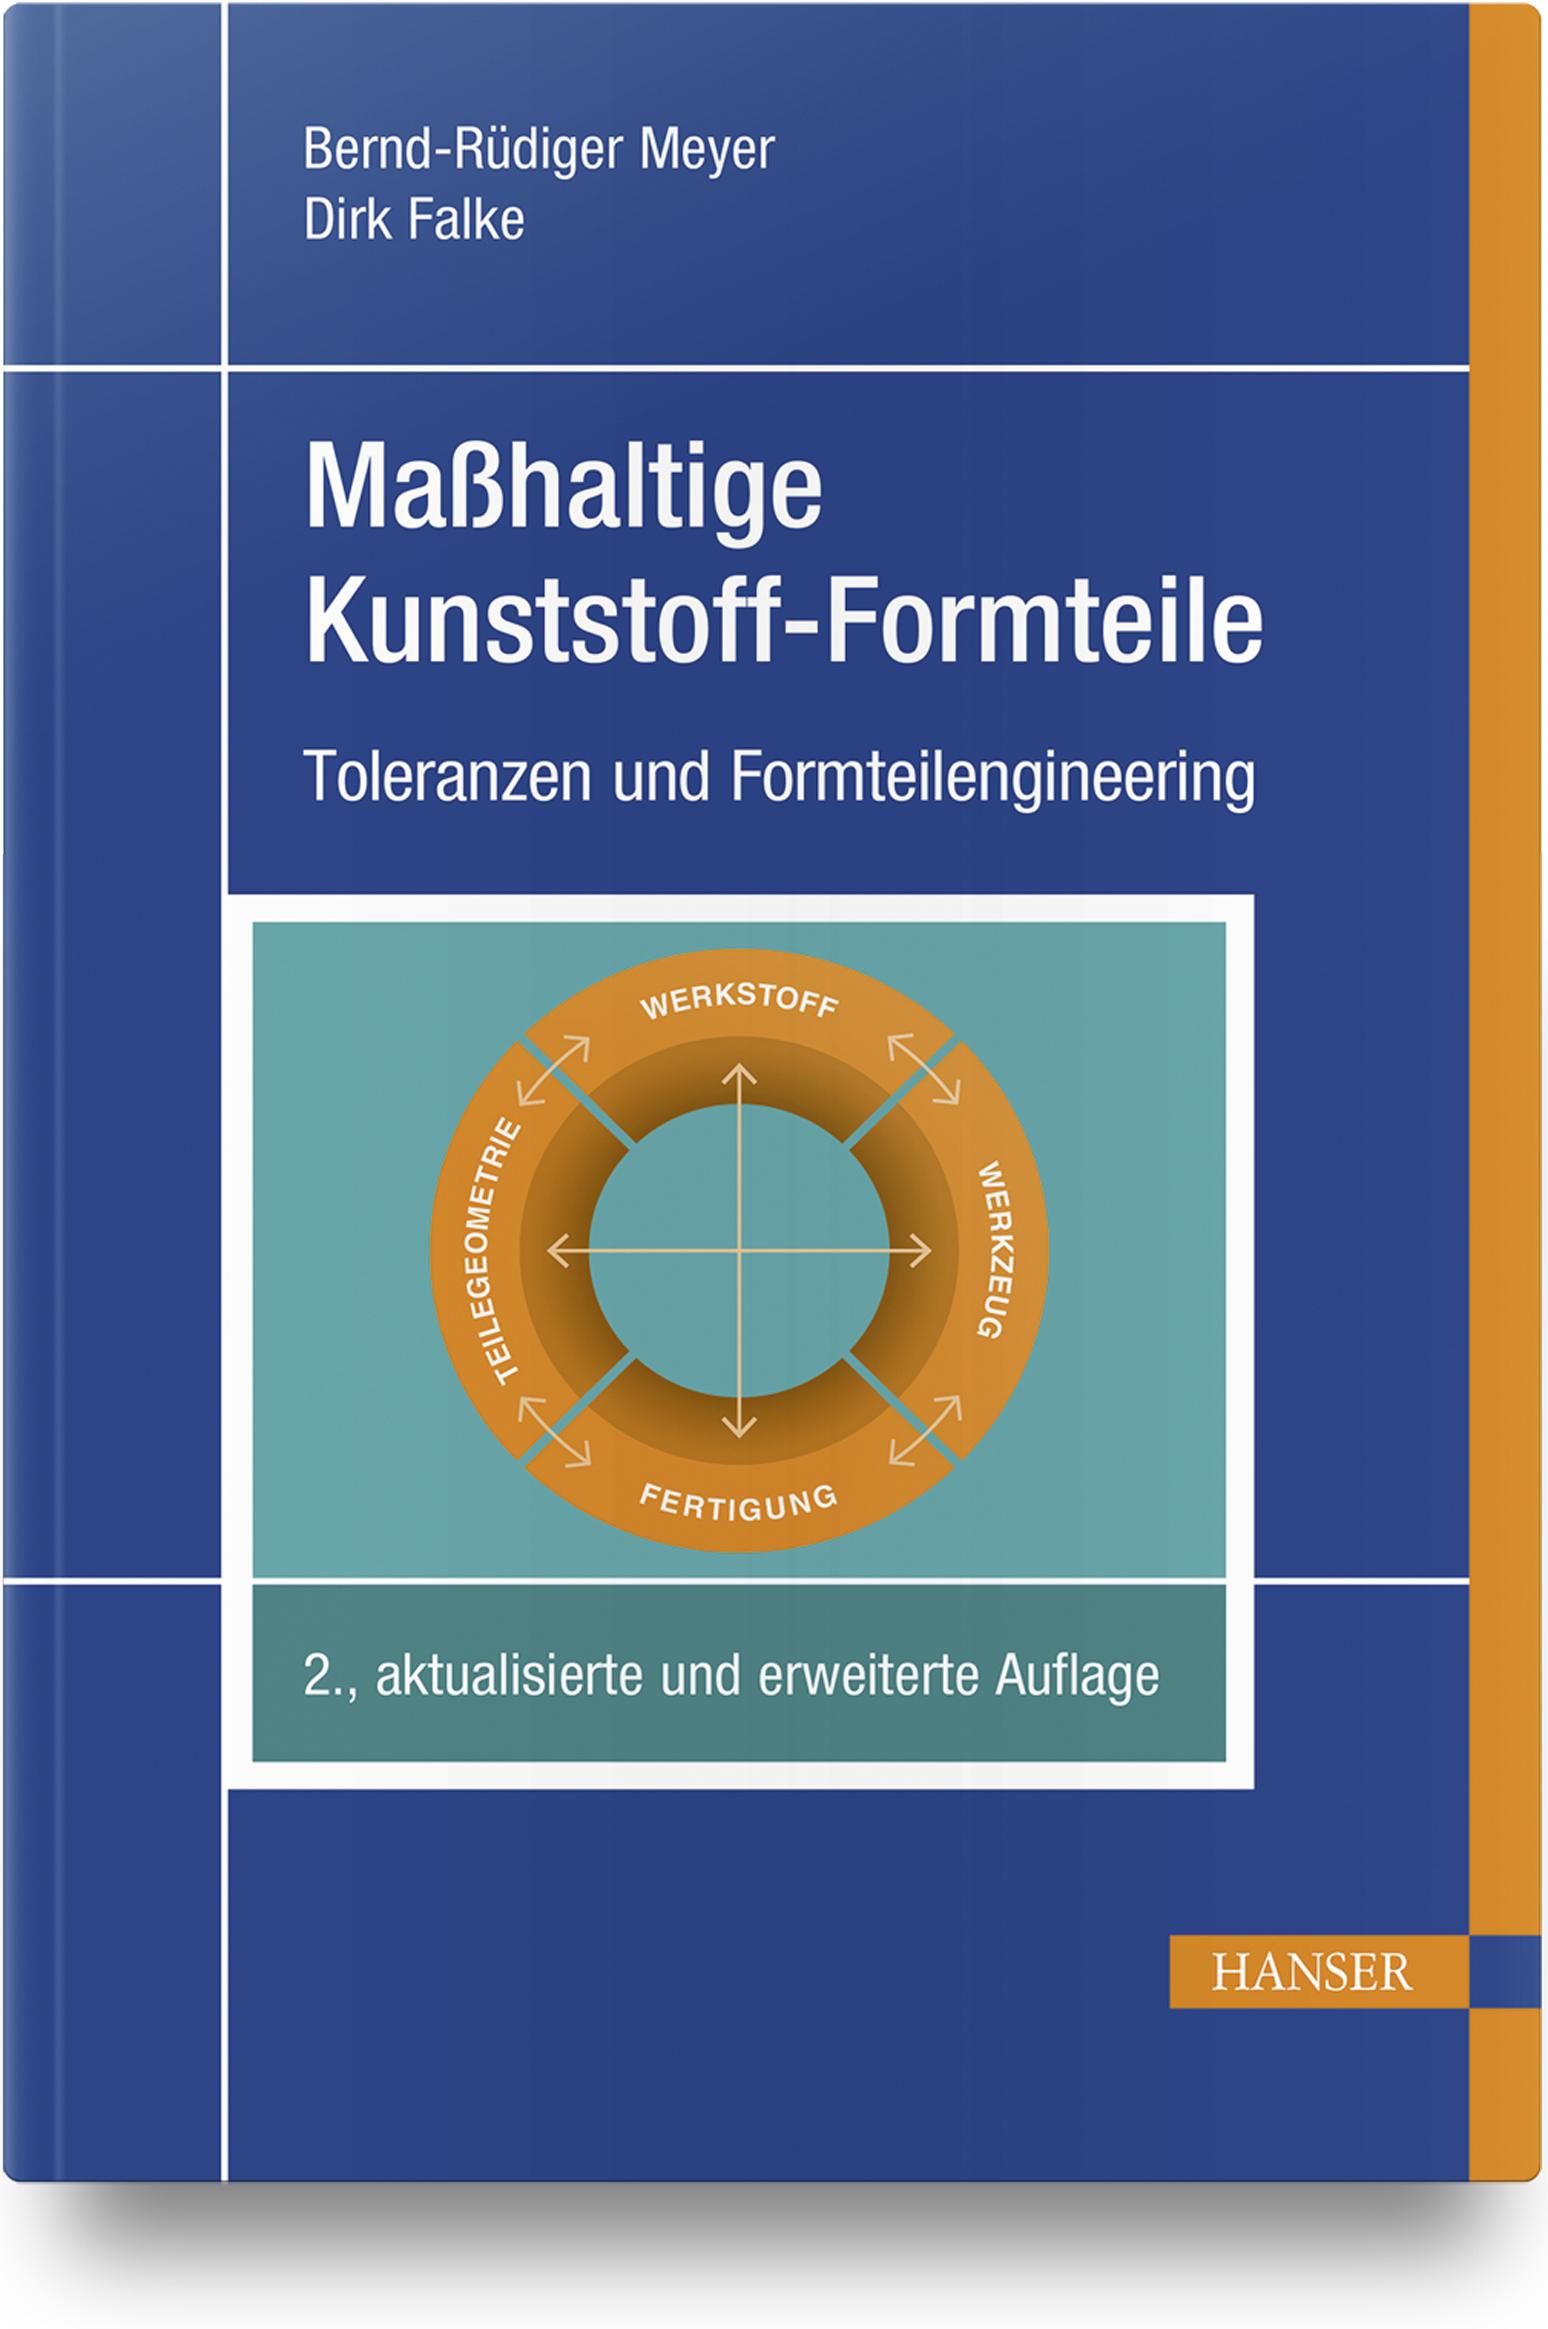 Meyer, Falke, Maßhaltige Kunststoff-Formteile, 978-3-446-44883-4